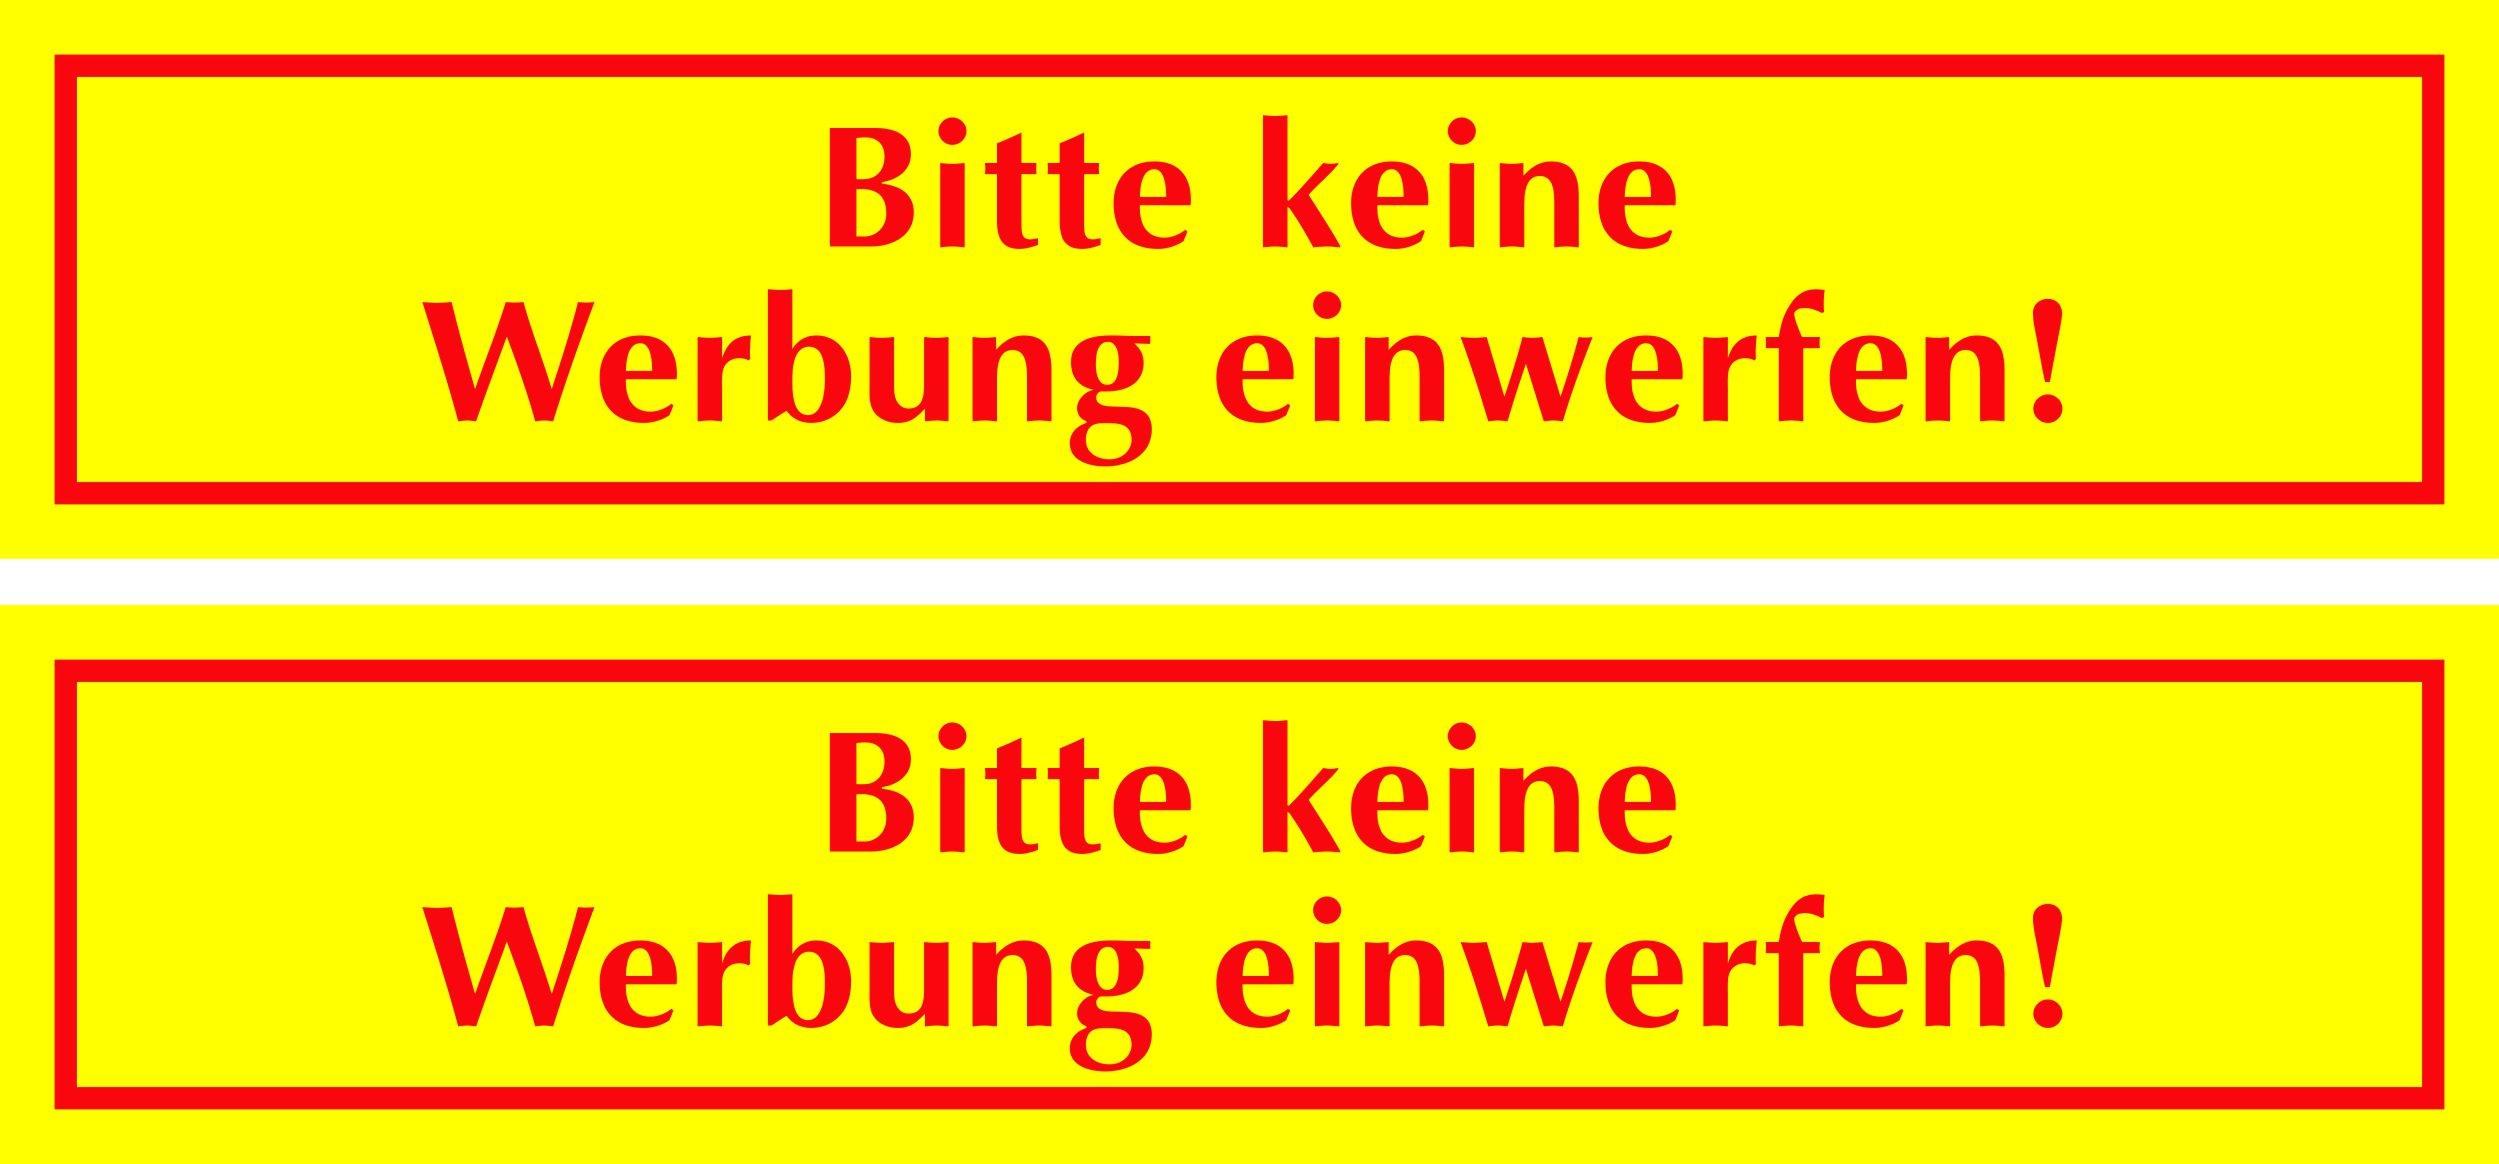 Aufkleber Bitte keine Werbung einwerfen gelb 2er-Set 001